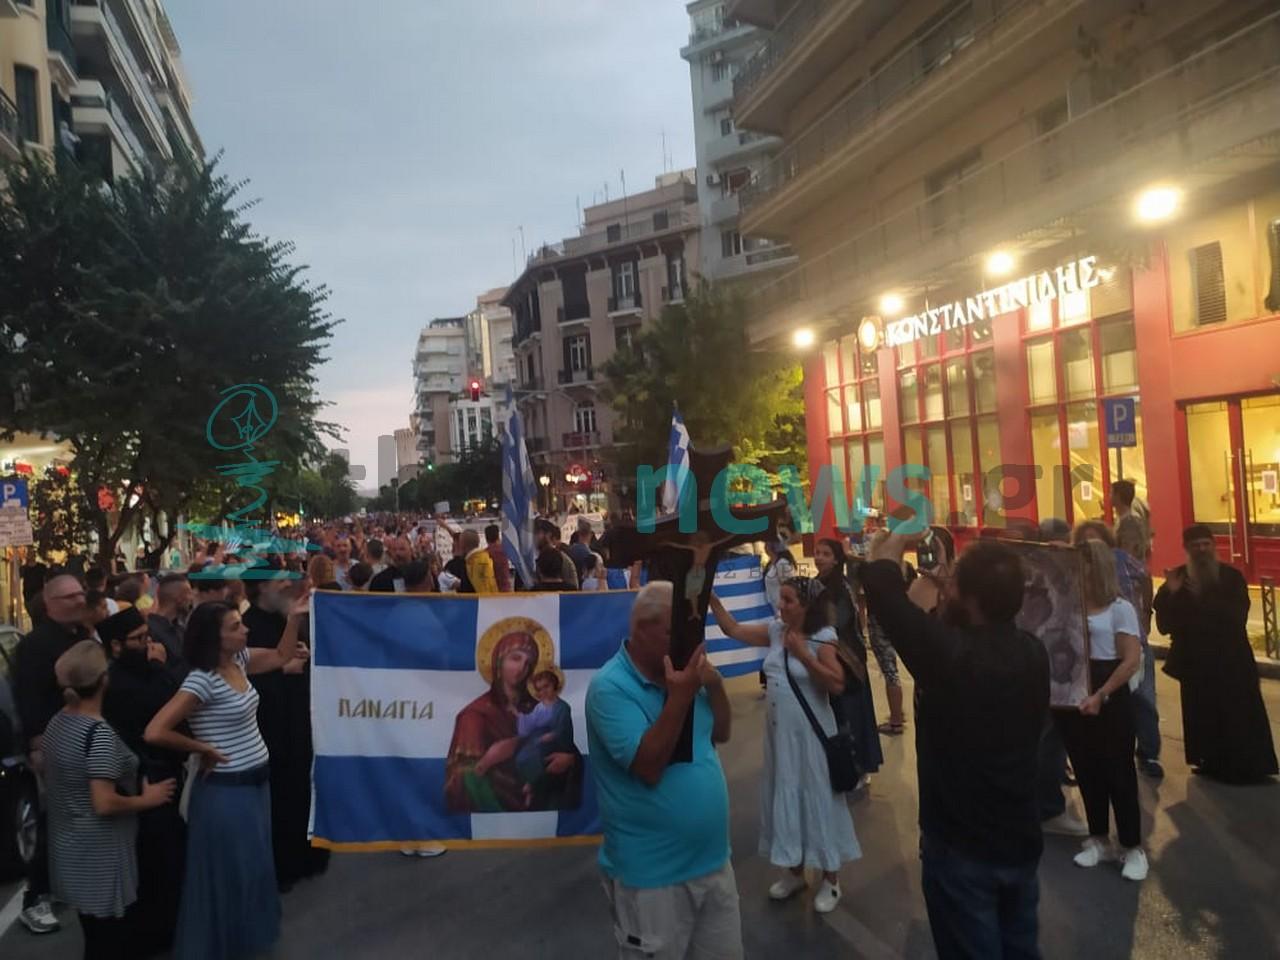 Θεσσαλονίκη: Πορεία κατά του υποχρεωτικού εμβολιασμού στο κέντρο